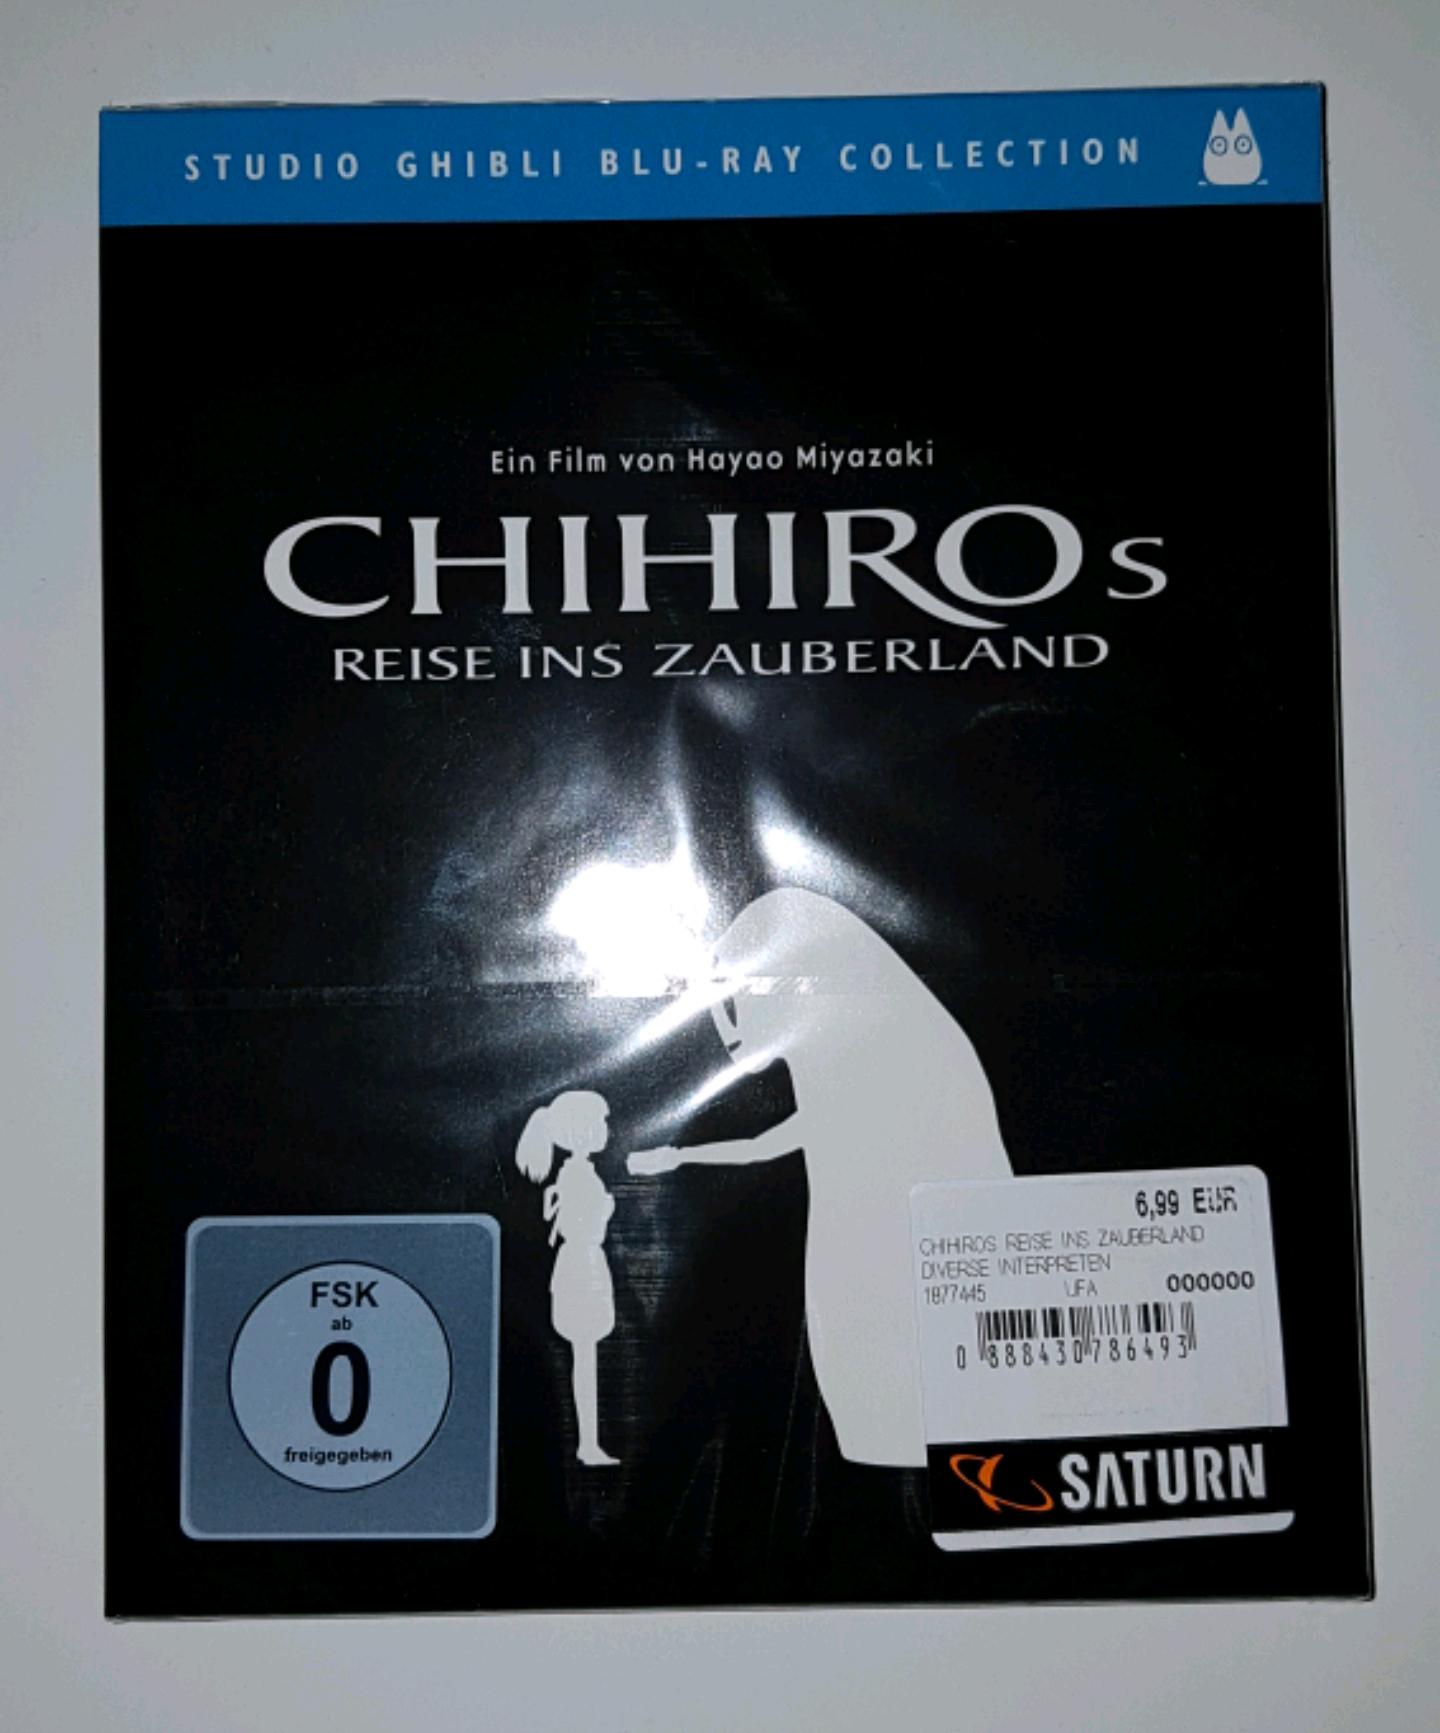 [Blu-Ray] Chihiro's Reise ins Zauberland - 6,99€ [ Saturn Berlin / Potsdamer Platz ]